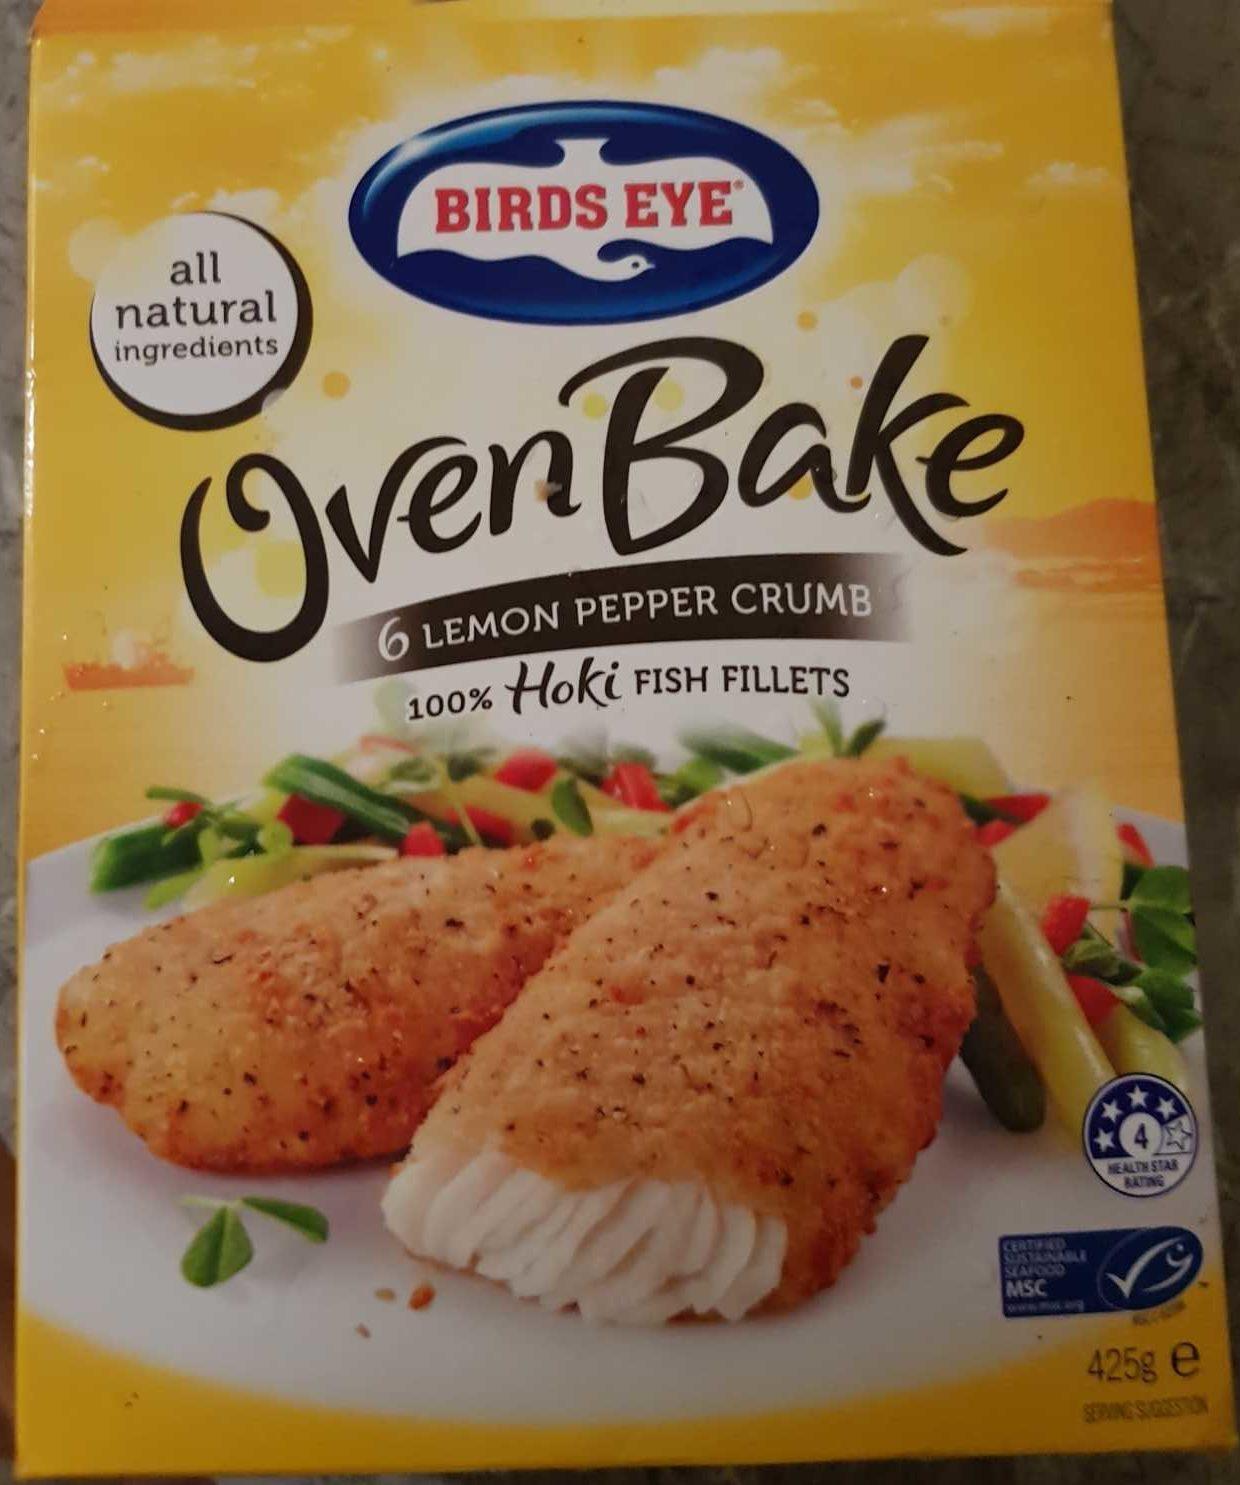 Oven Bake 6 Lemon Pepper Crumb 100% Fish Fillets - Product - en